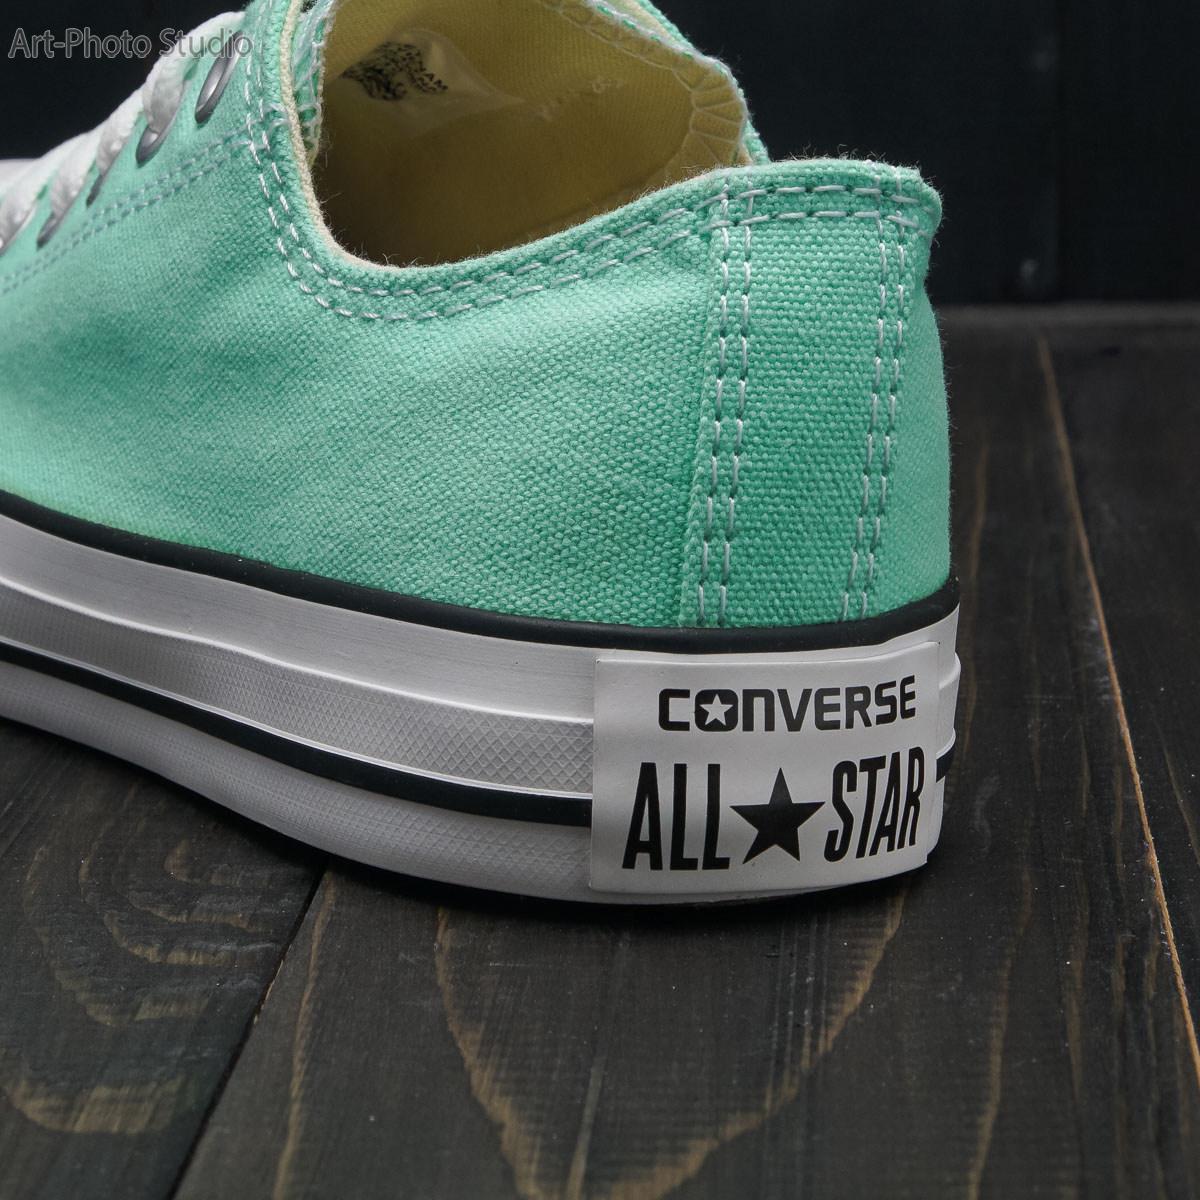 фотосъемка для каталога обуви в Харькове - кеды Converse